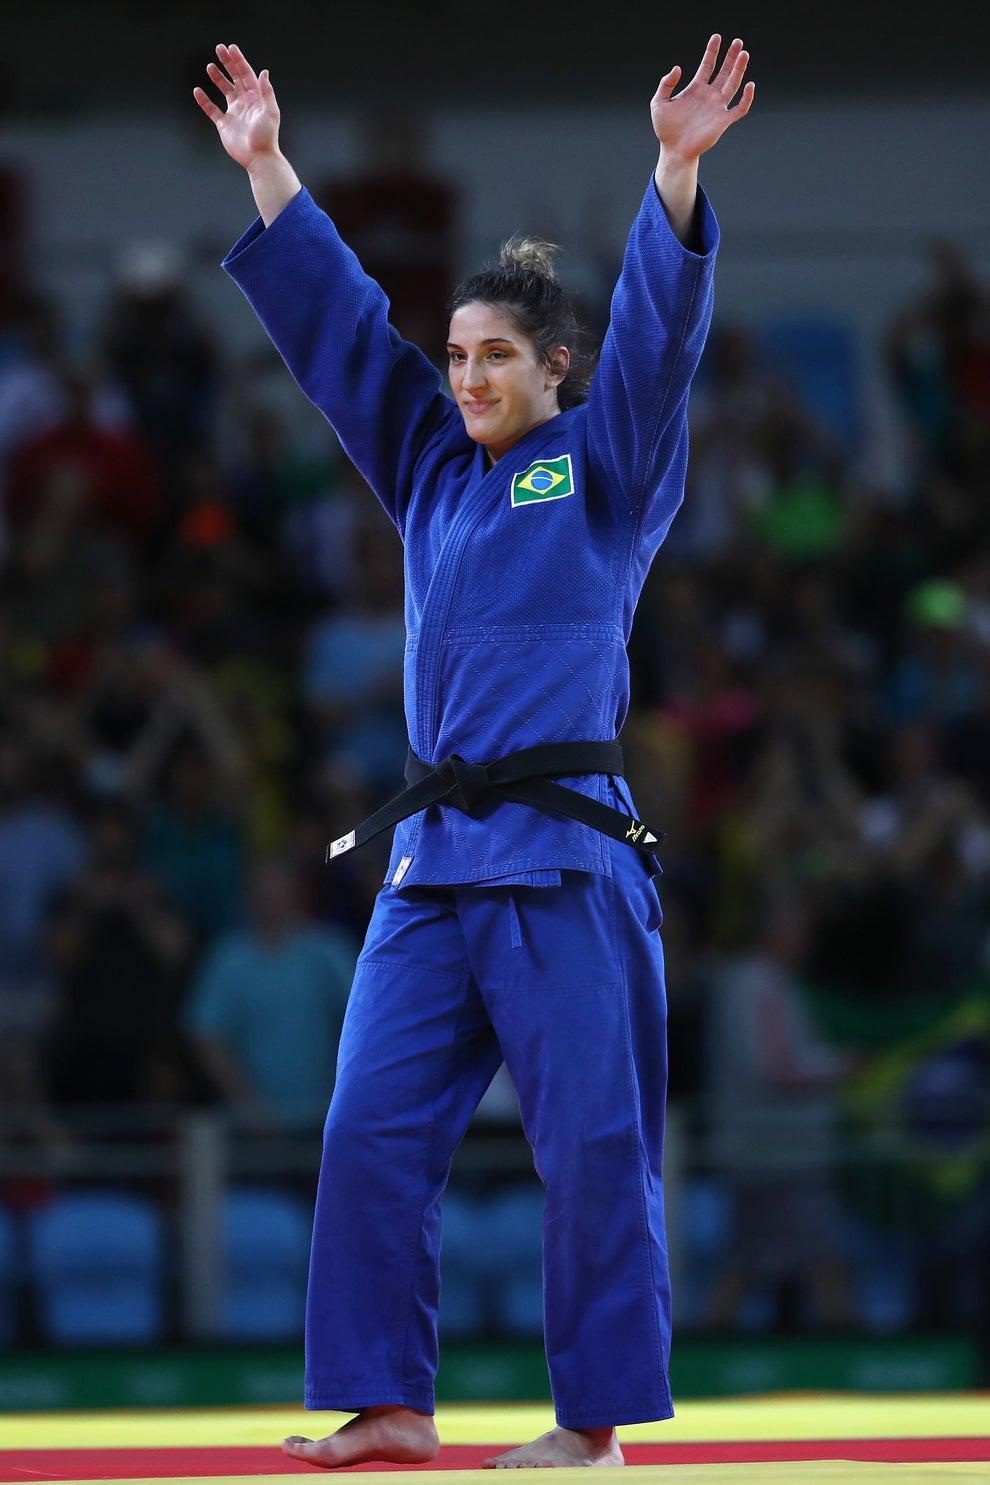 Também do judô veio nosso primeiro bronze, com a Mayra Aguiar.